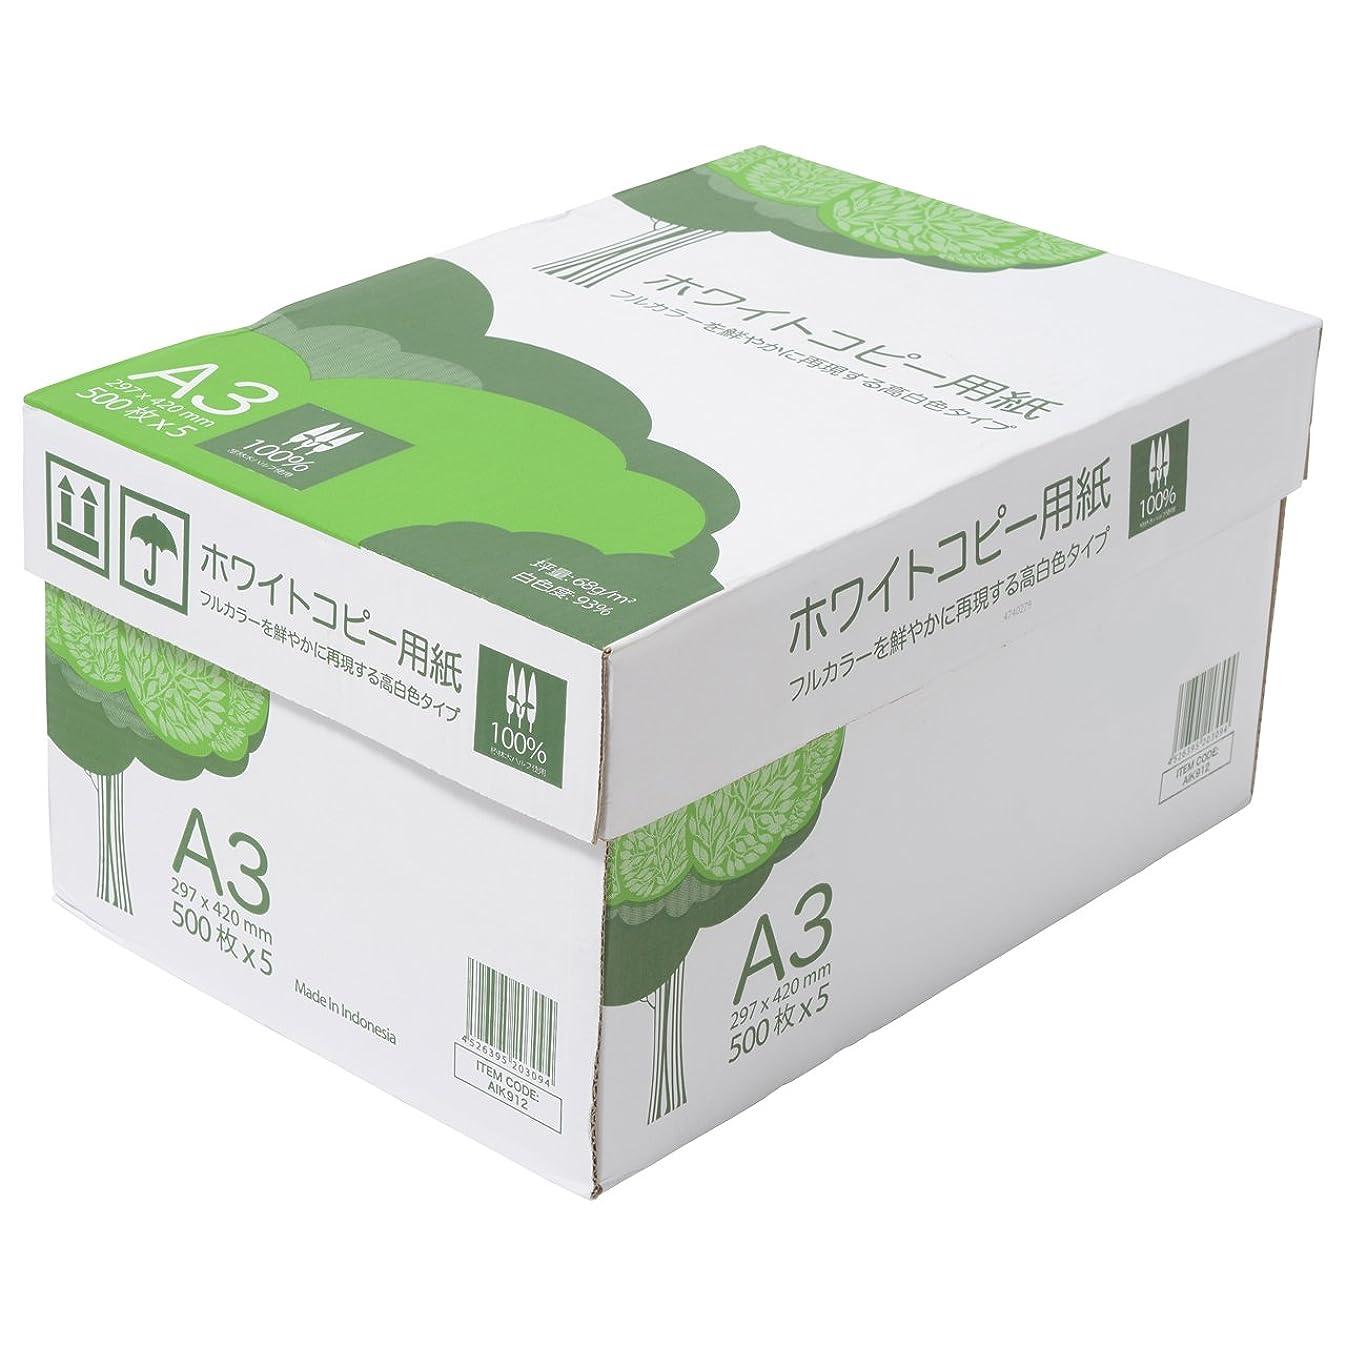 ソフィー概してジャンクションコピー用紙 A4 ホワイトコピー用紙 高白色 紙厚0.09mm 2500枚(500×5) ブランコ